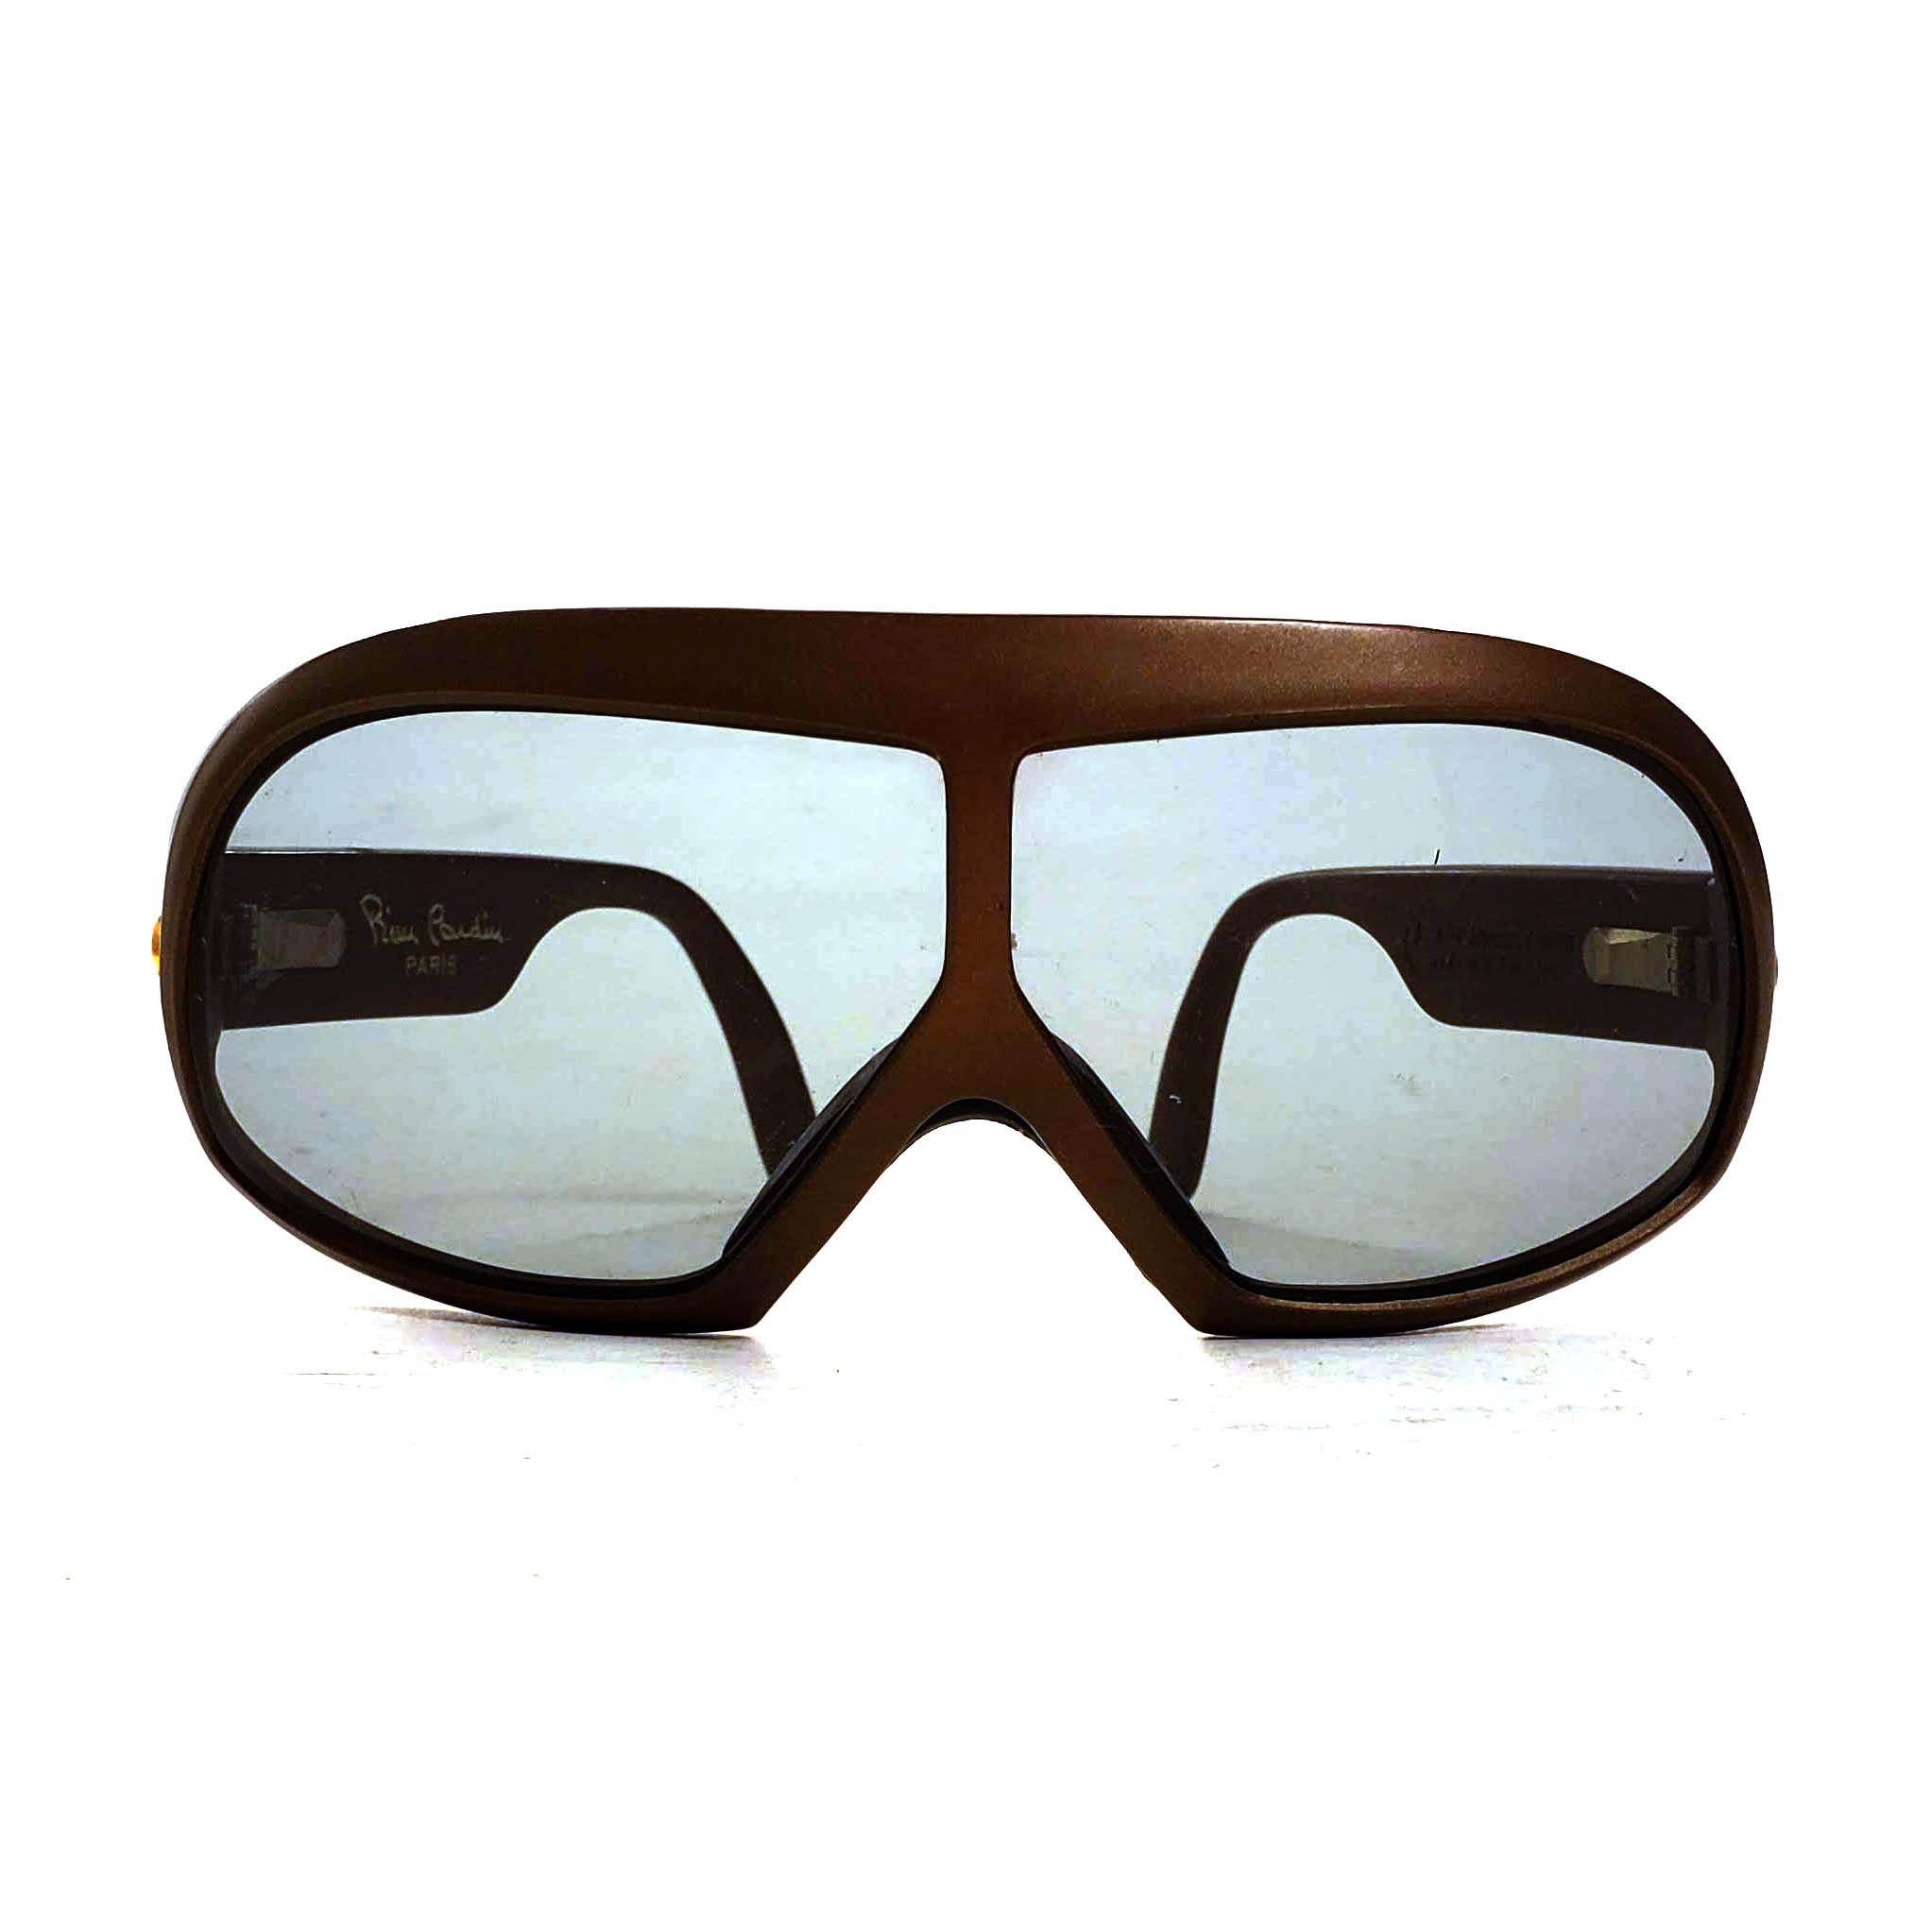 Pierre Cardin Sunglasses Vintage 80s Designer Sport Mask Frames Unisex